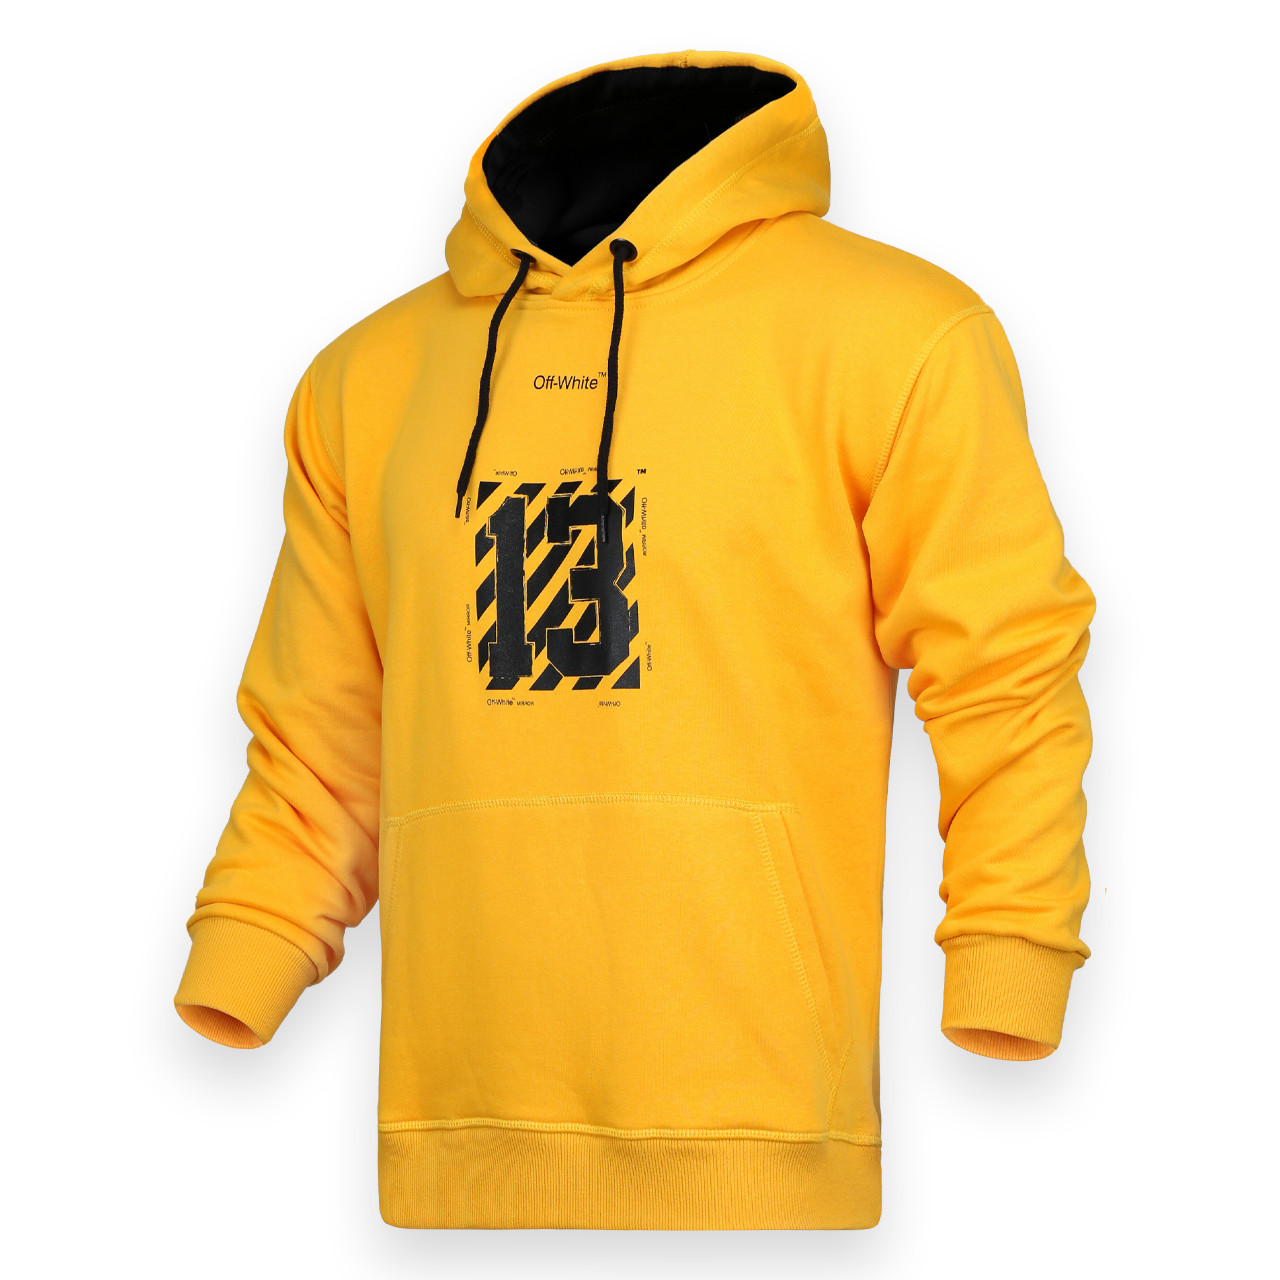 Худи мужские желтый OFF-WHITE с принтом №13 Т-2 L(Р) 19-581-201